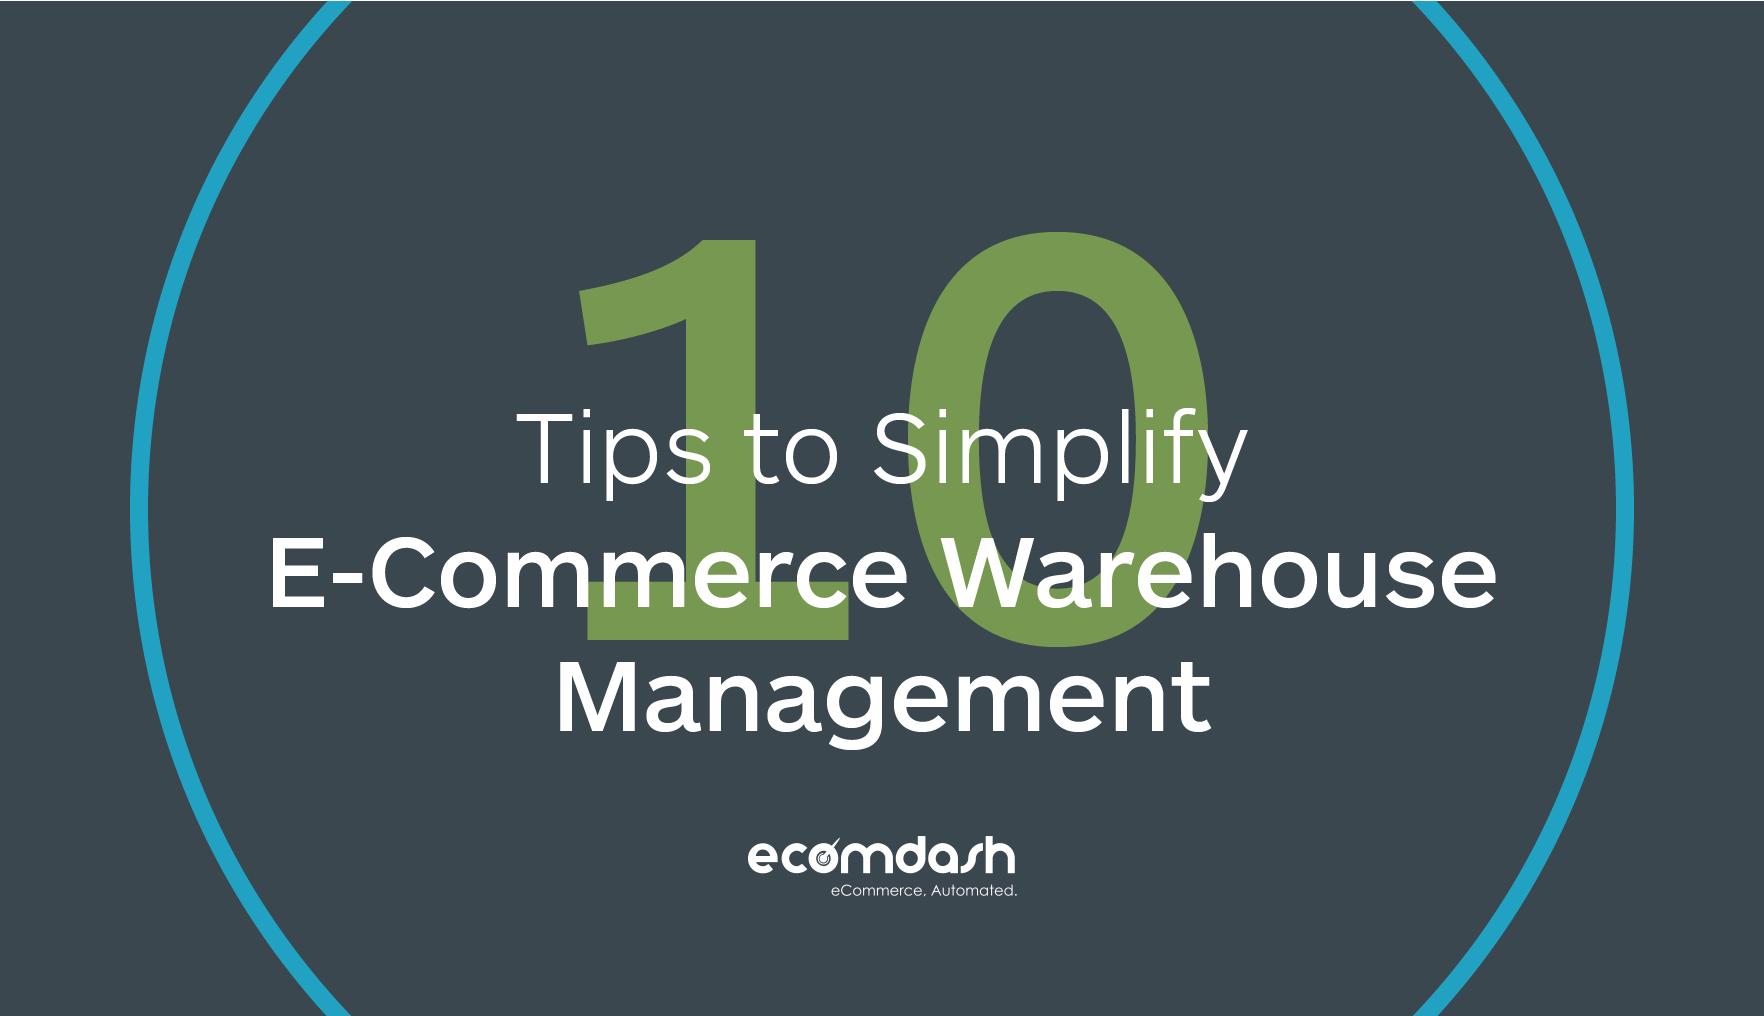 Simplify E-commerce Warehouse Management